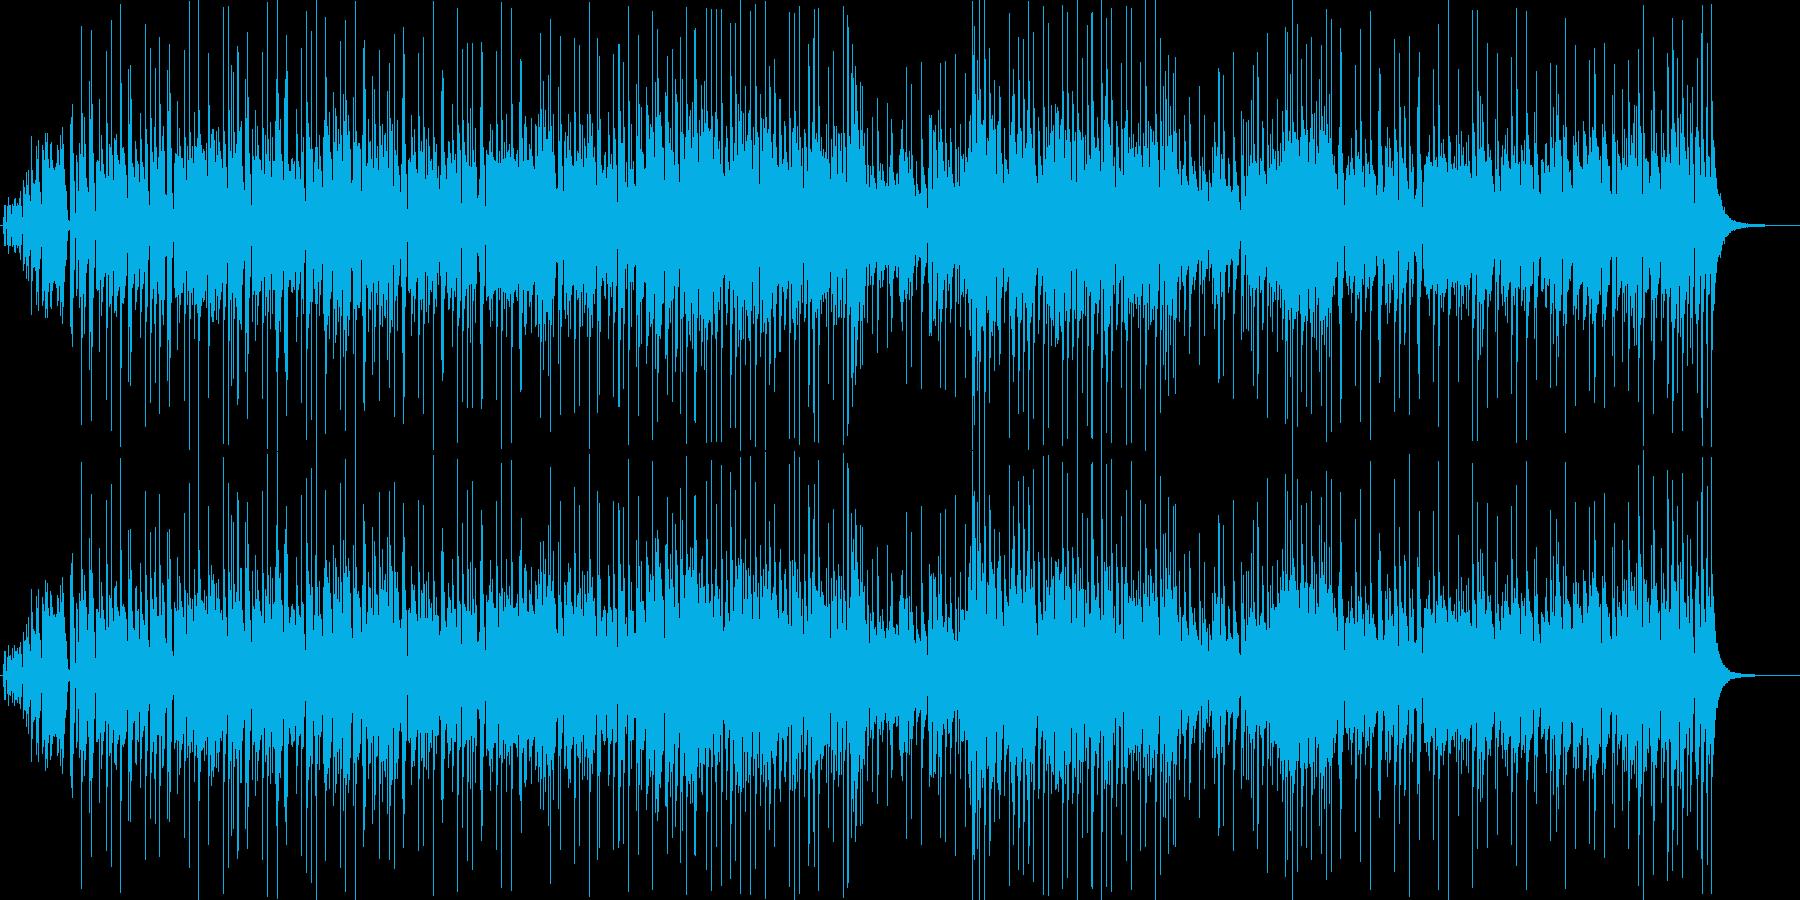 ジ・エンターテイナーのポップアレンジ曲の再生済みの波形